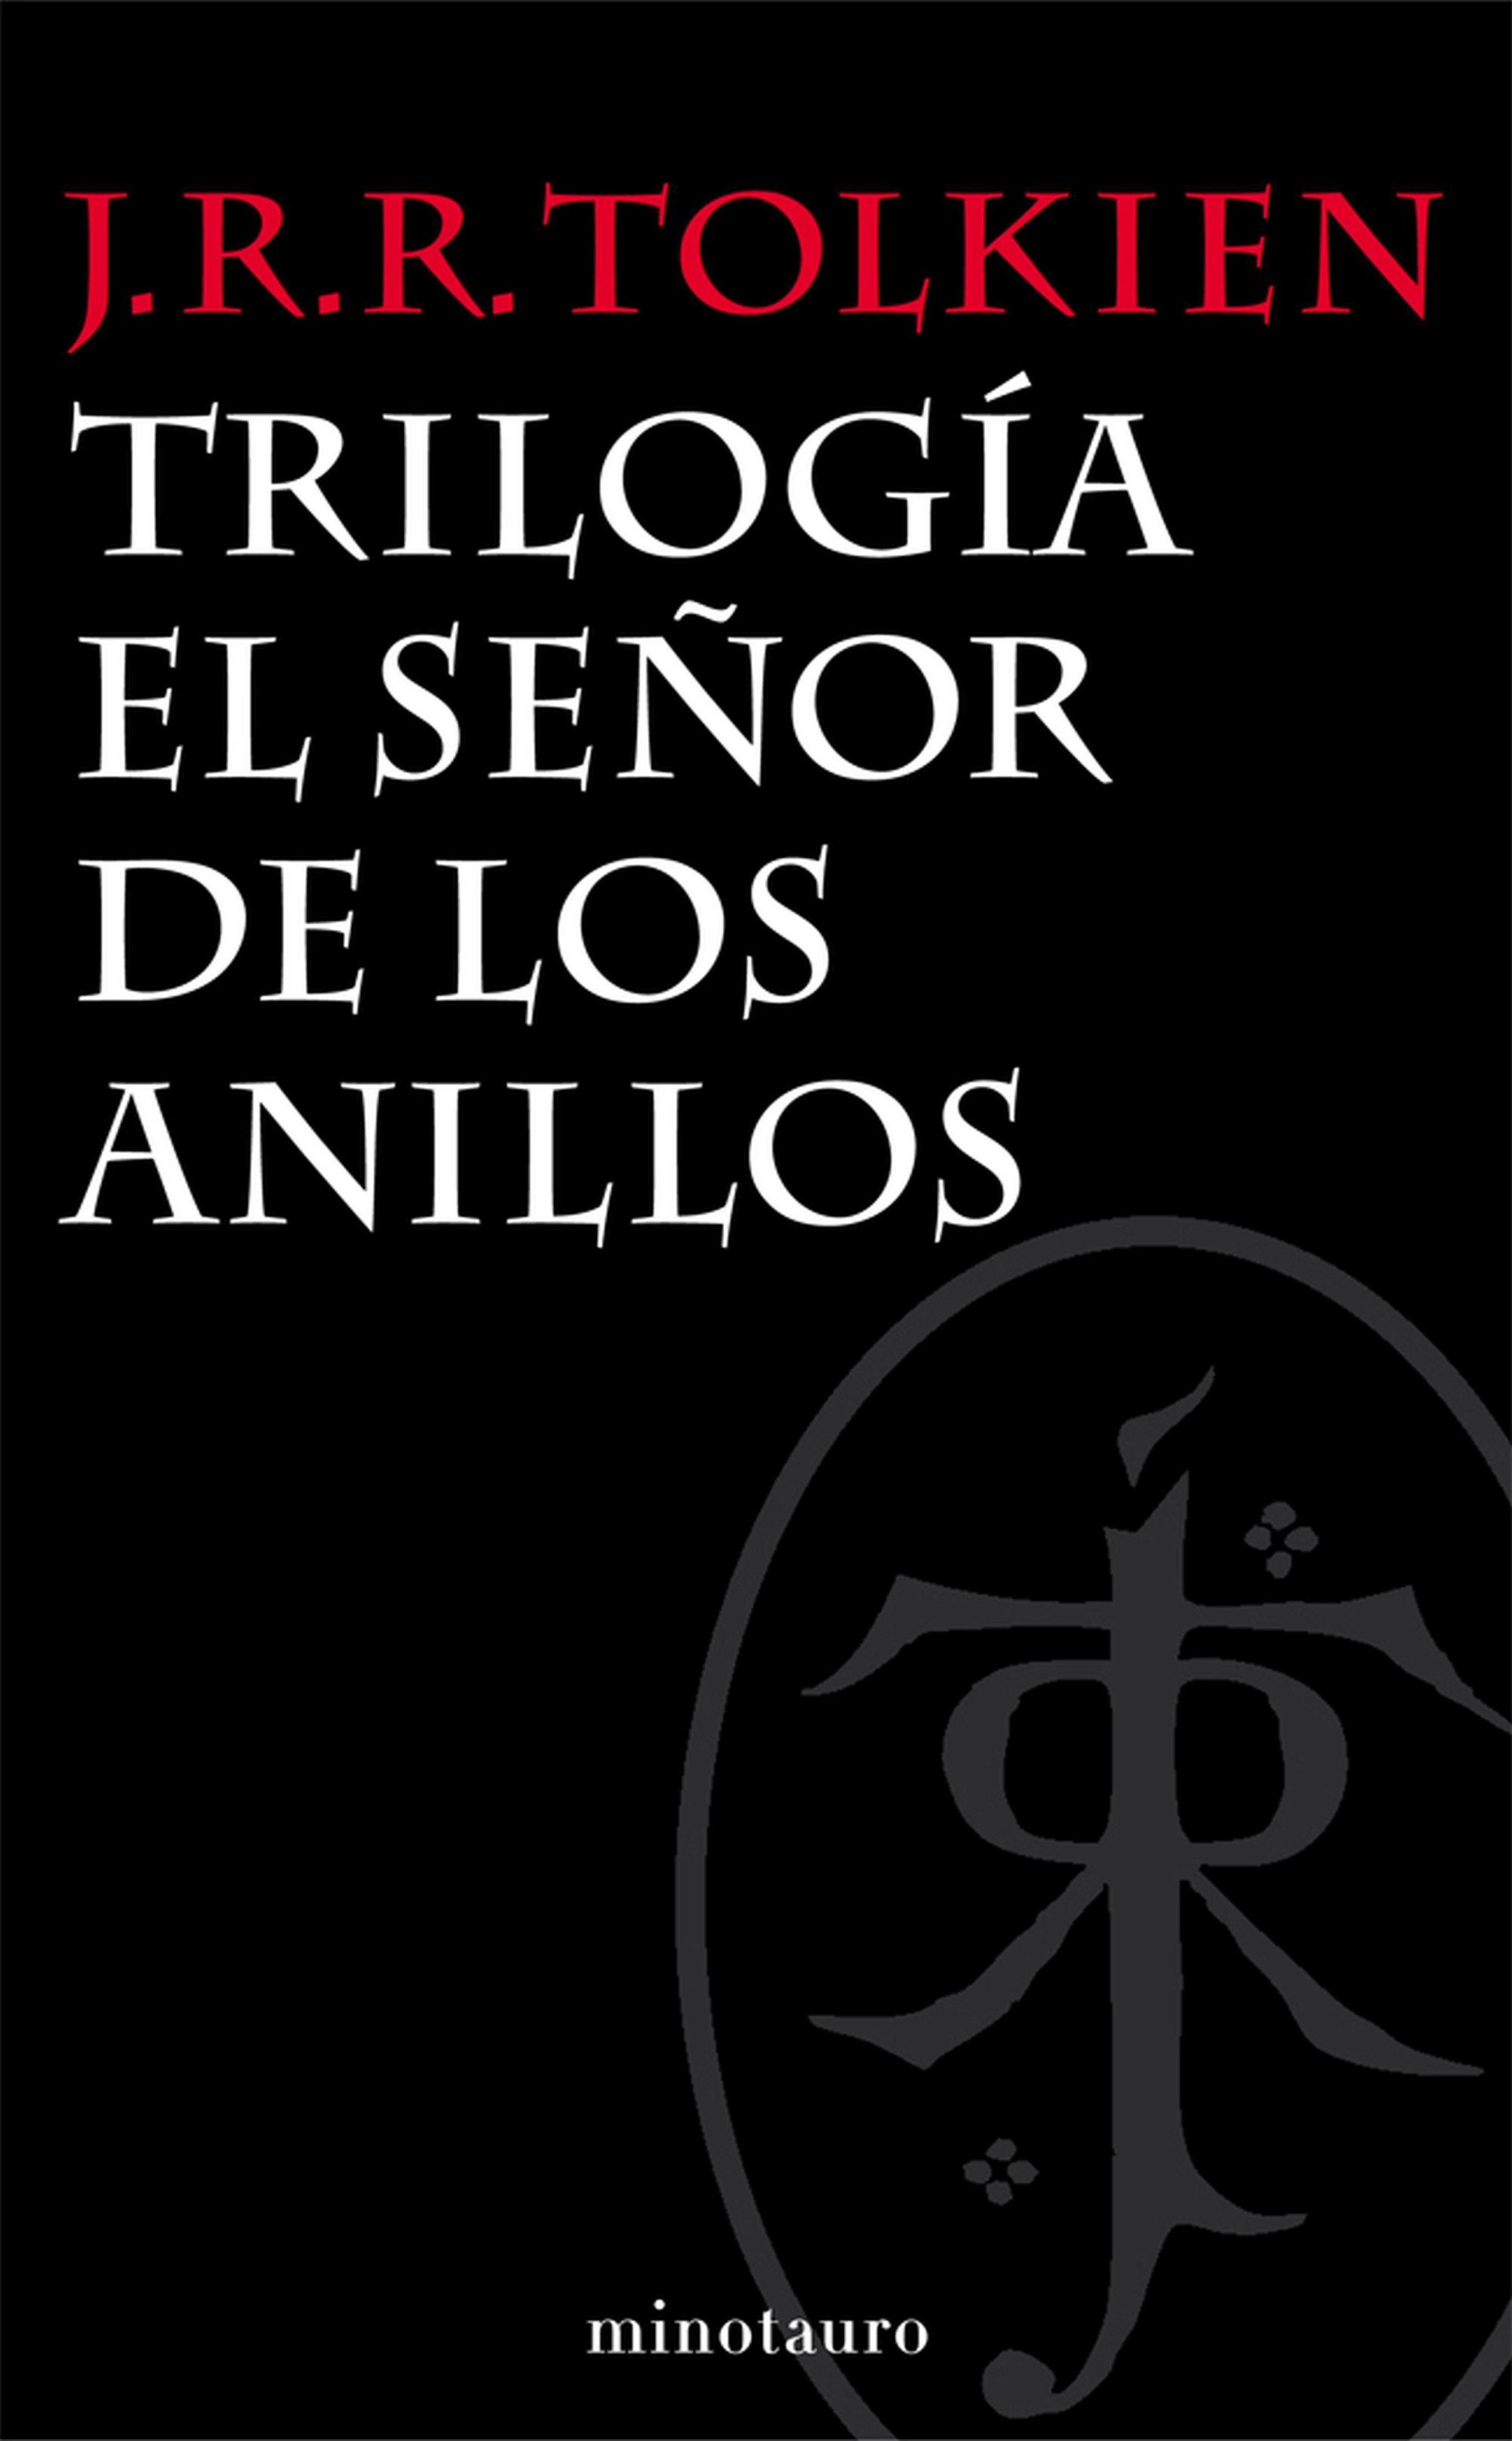 Trilogía El Señor de los Anillos (Biblioteca J. R. R. Tolkien)